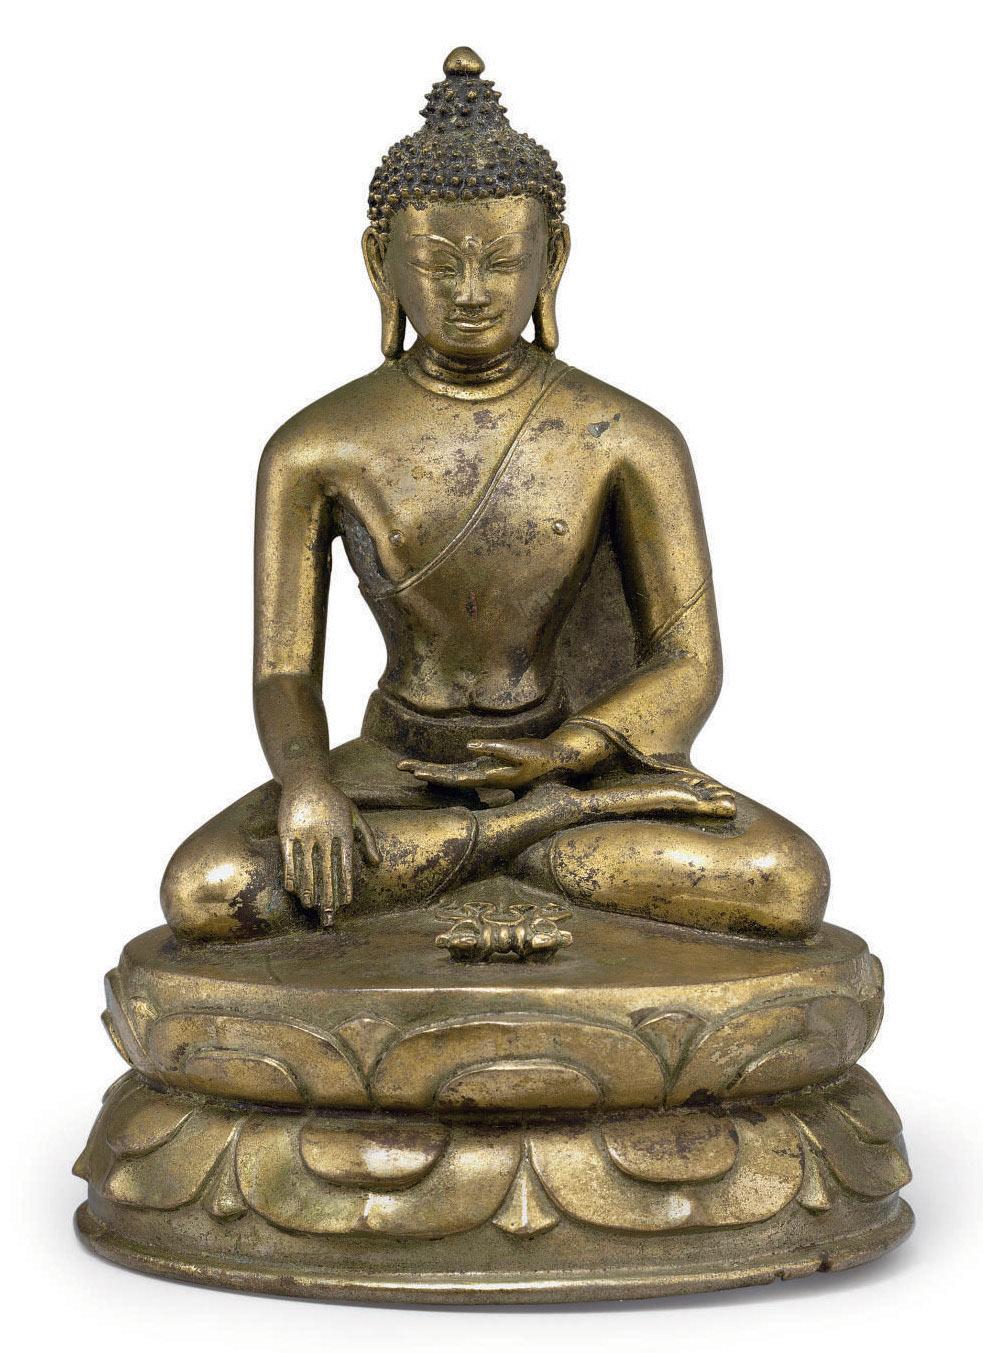 A bronze figure of Shakyamuni